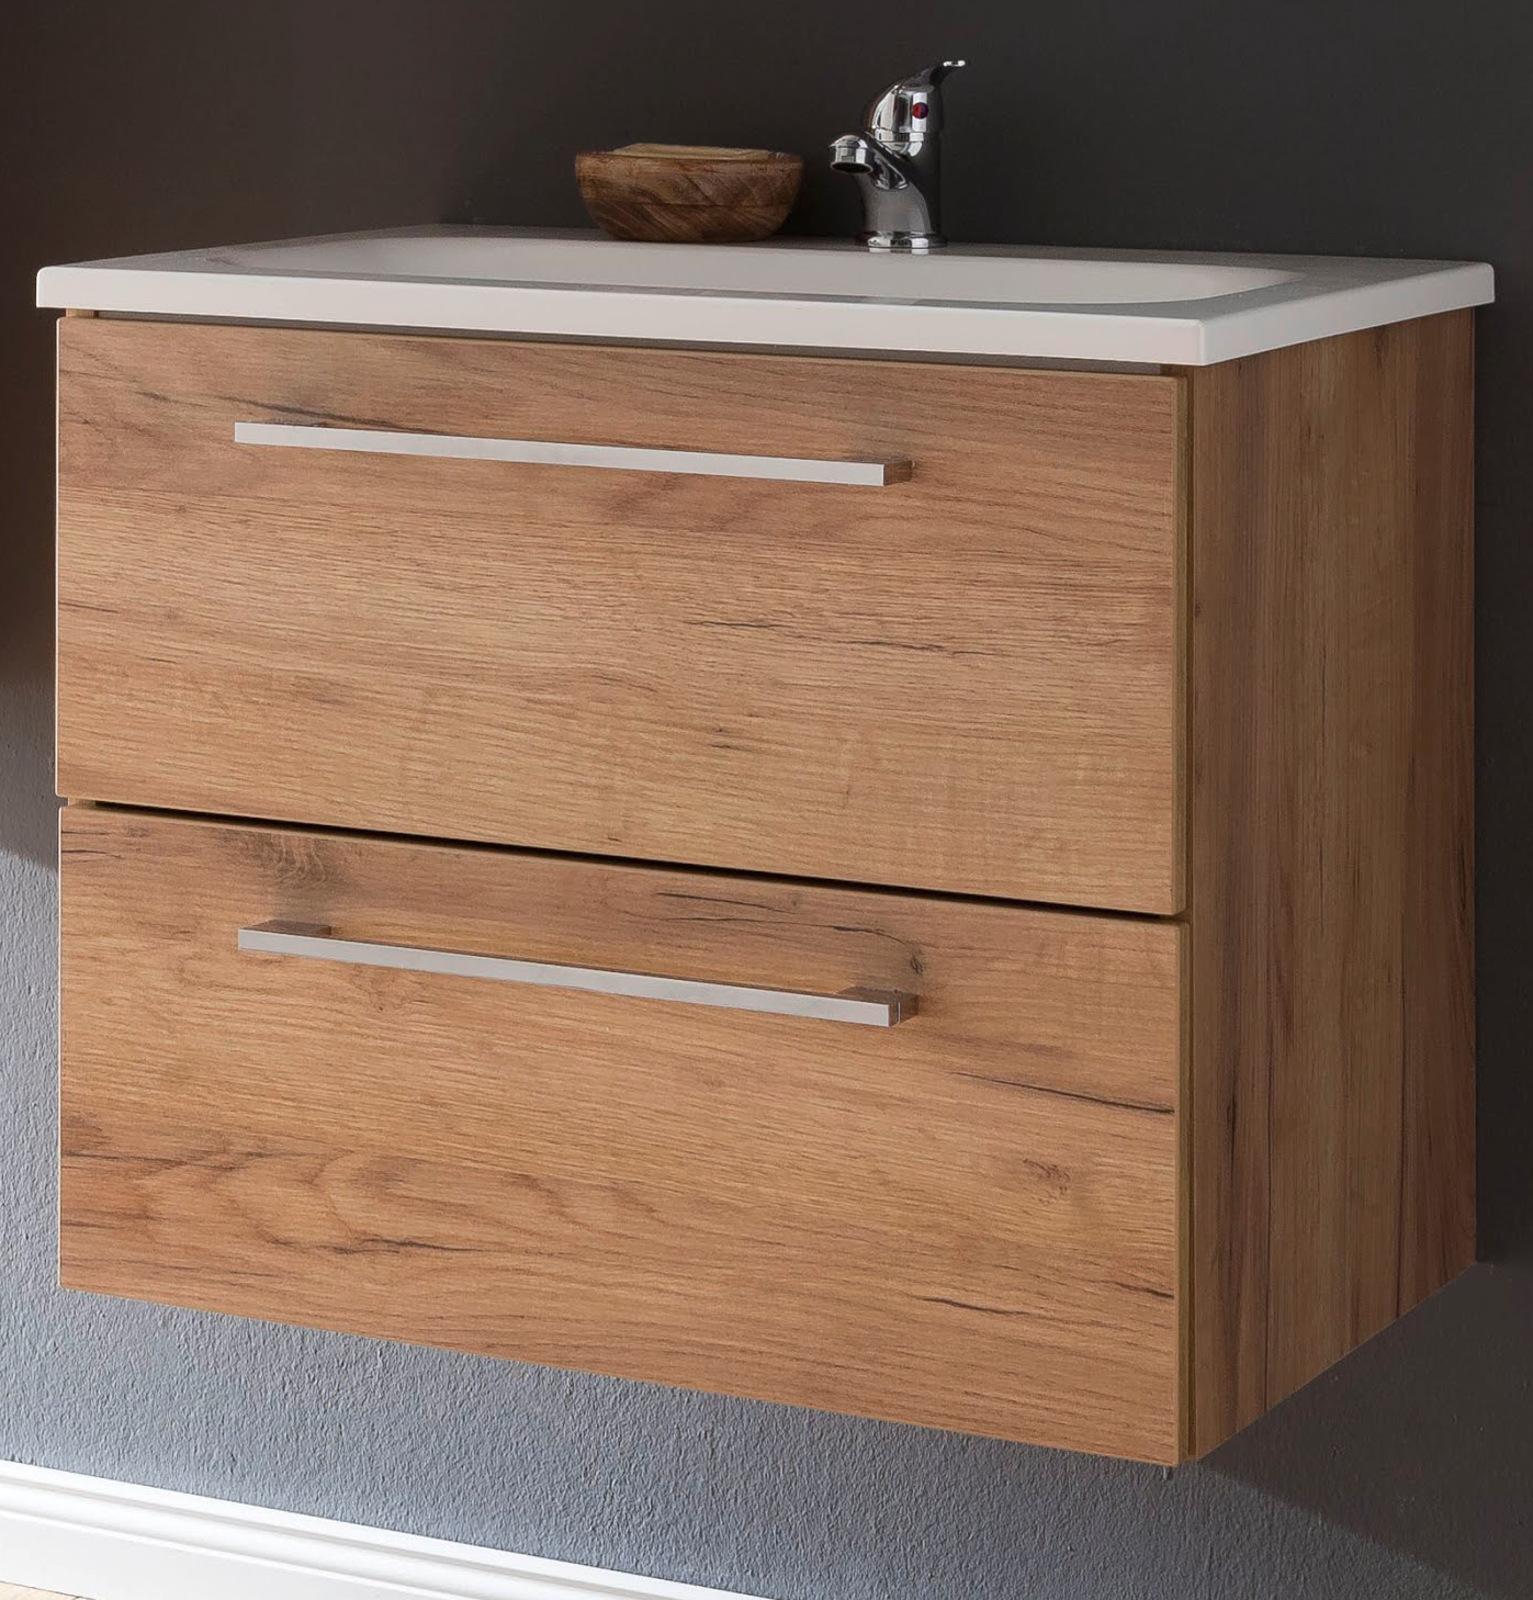 waschtisch set mit waschbecken eiche tr ffel waschbeckenunterschrank bad intenso ebay